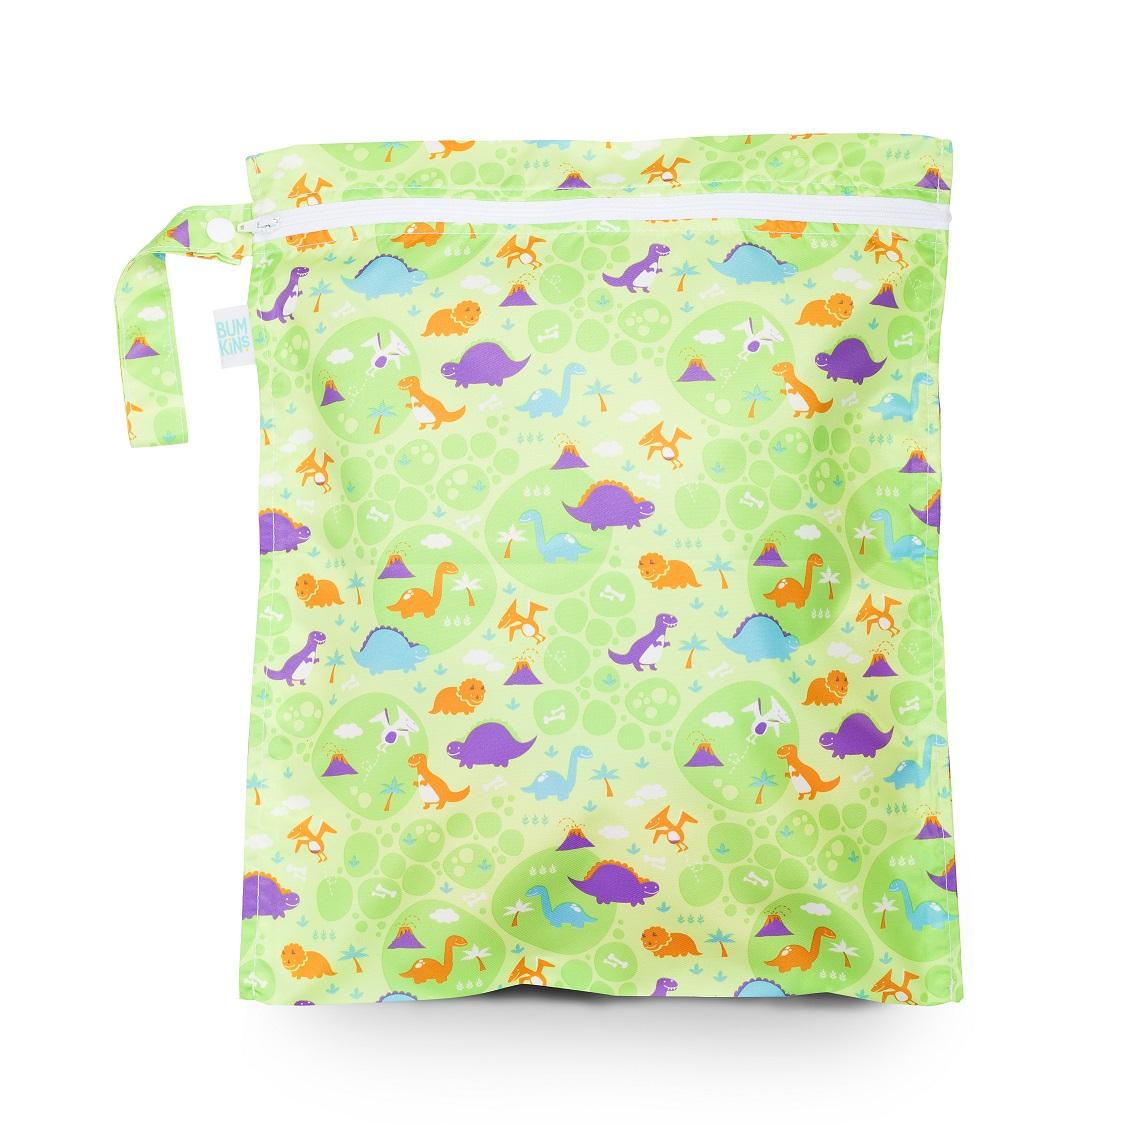 Wet Bag (12x14 นิ้ว) กระเป๋ากันน้ำ